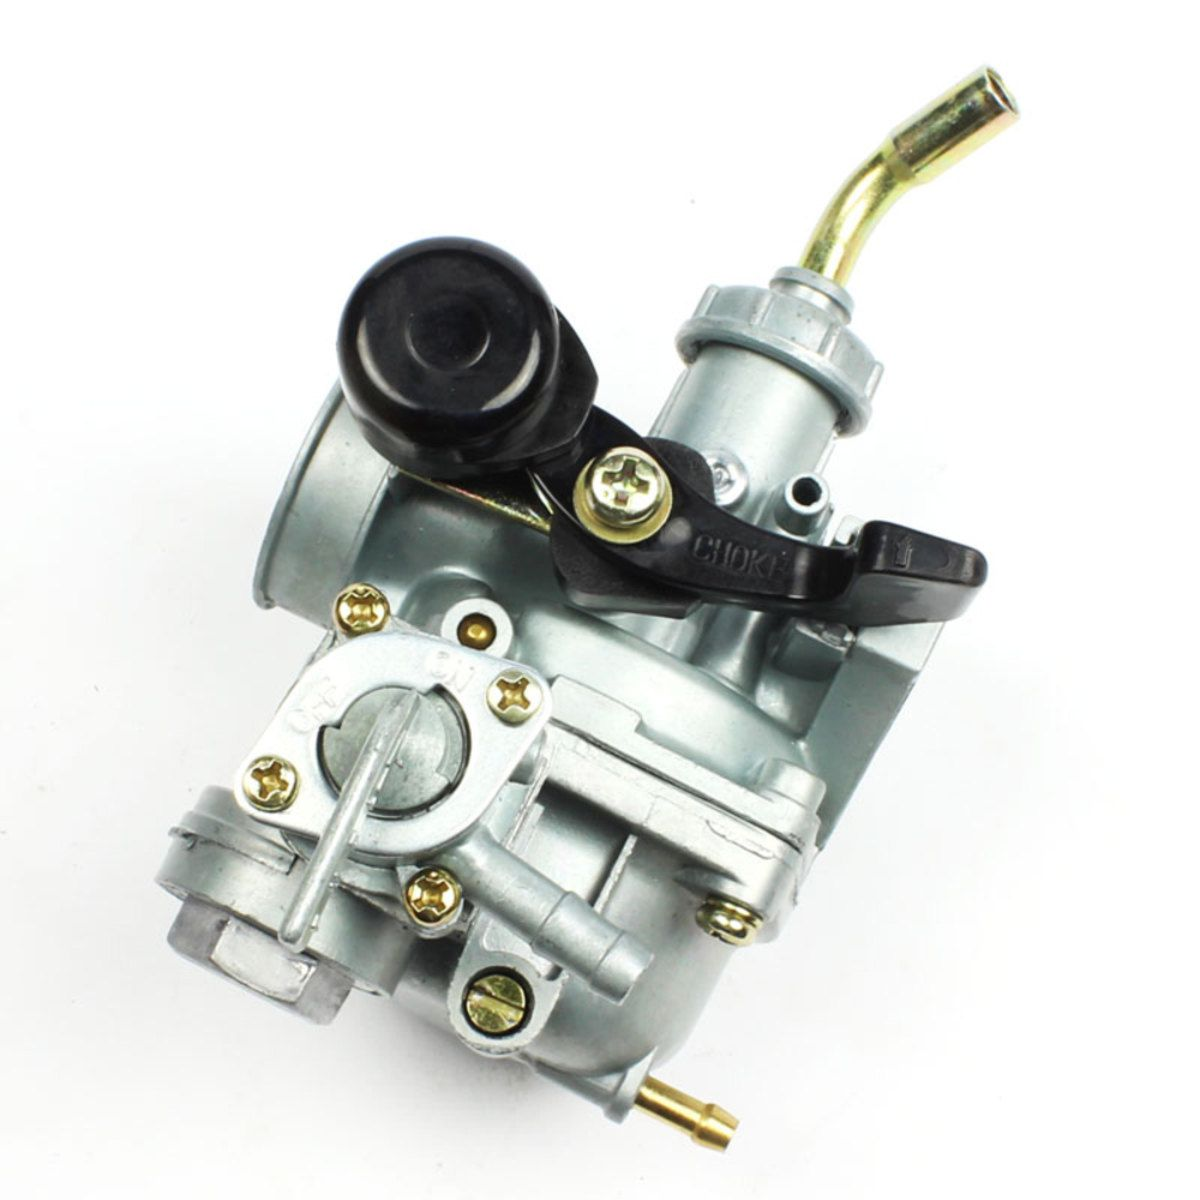 Carburador Completo Biz 100 Web 100 98 a 2005